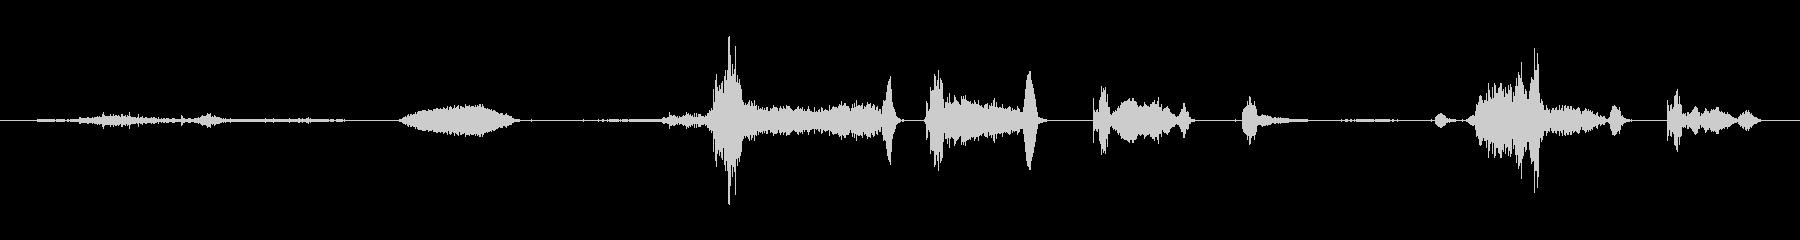 鳴き声 女性咳重症ロング03の未再生の波形